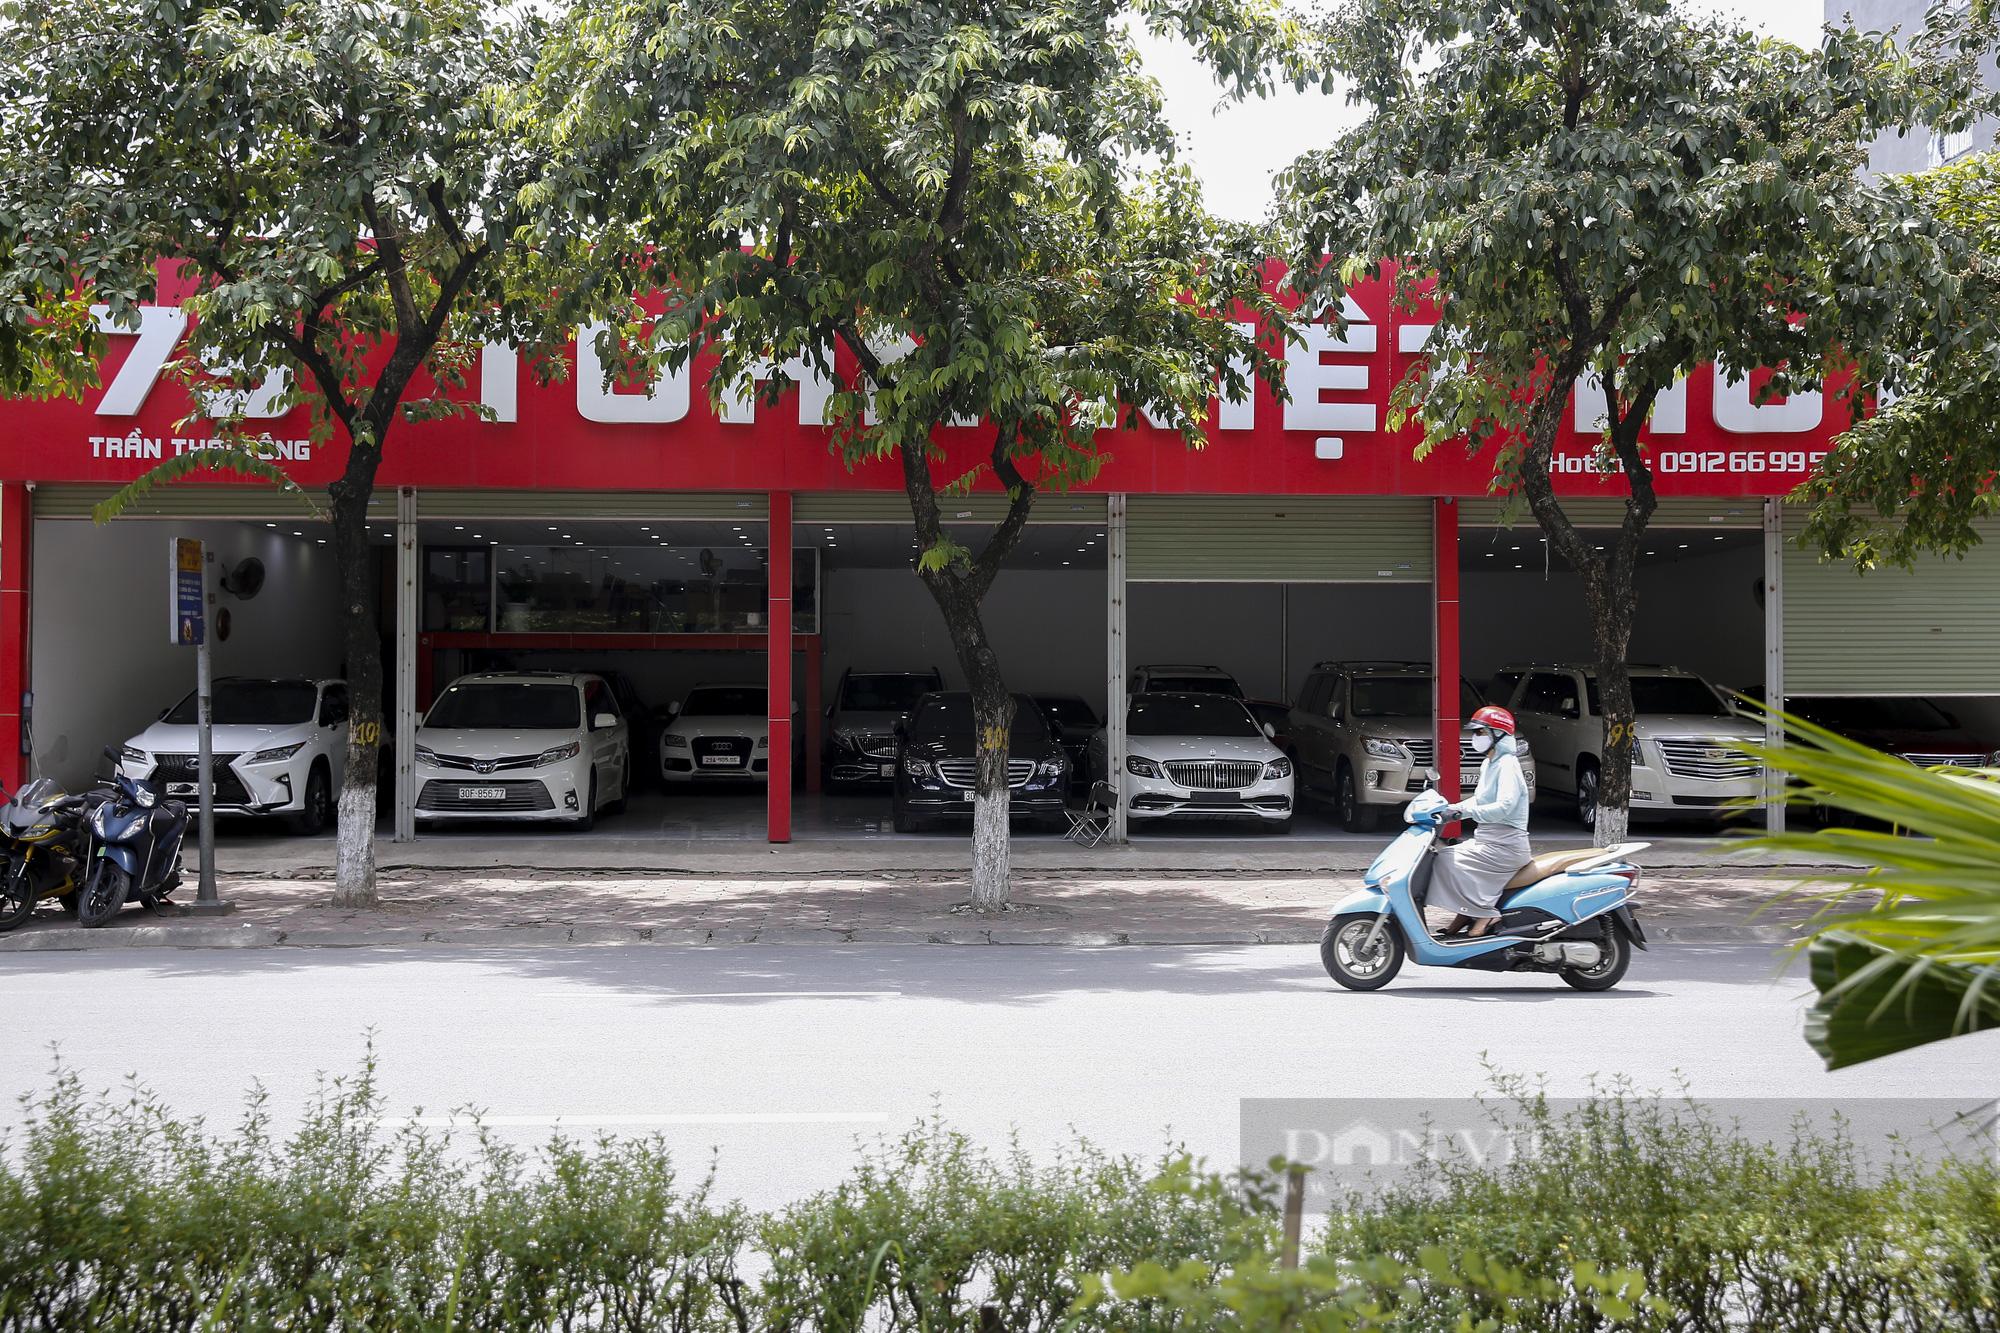 Hàng loạt showroom ô tô tại Hà Nội 'cửa đóng then cài' vì dịch Covid-19 - Ảnh 3.